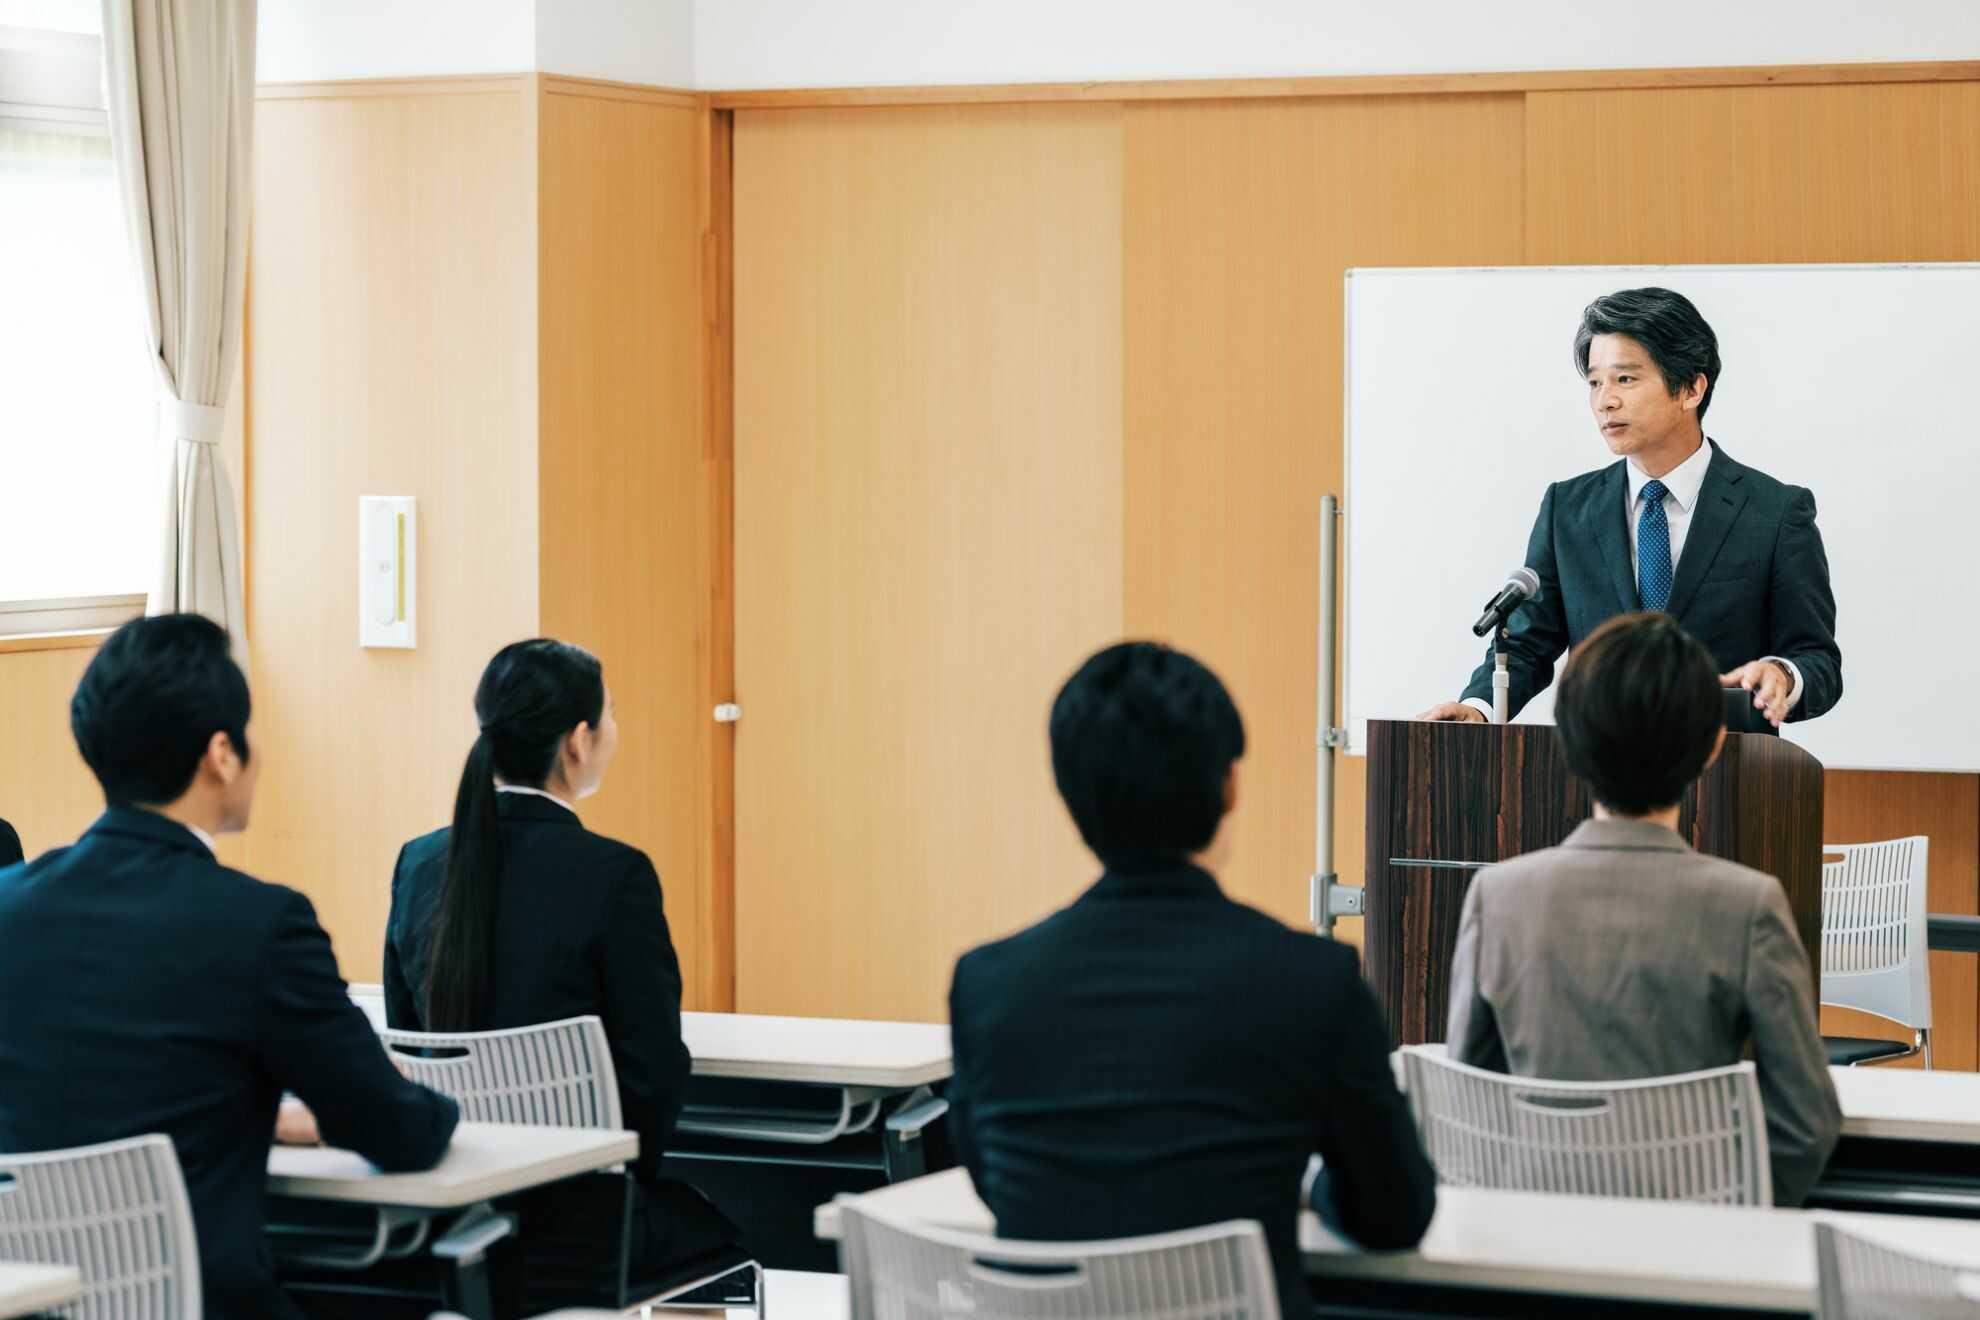 講義中の研修講師と手前の列にいる受講者